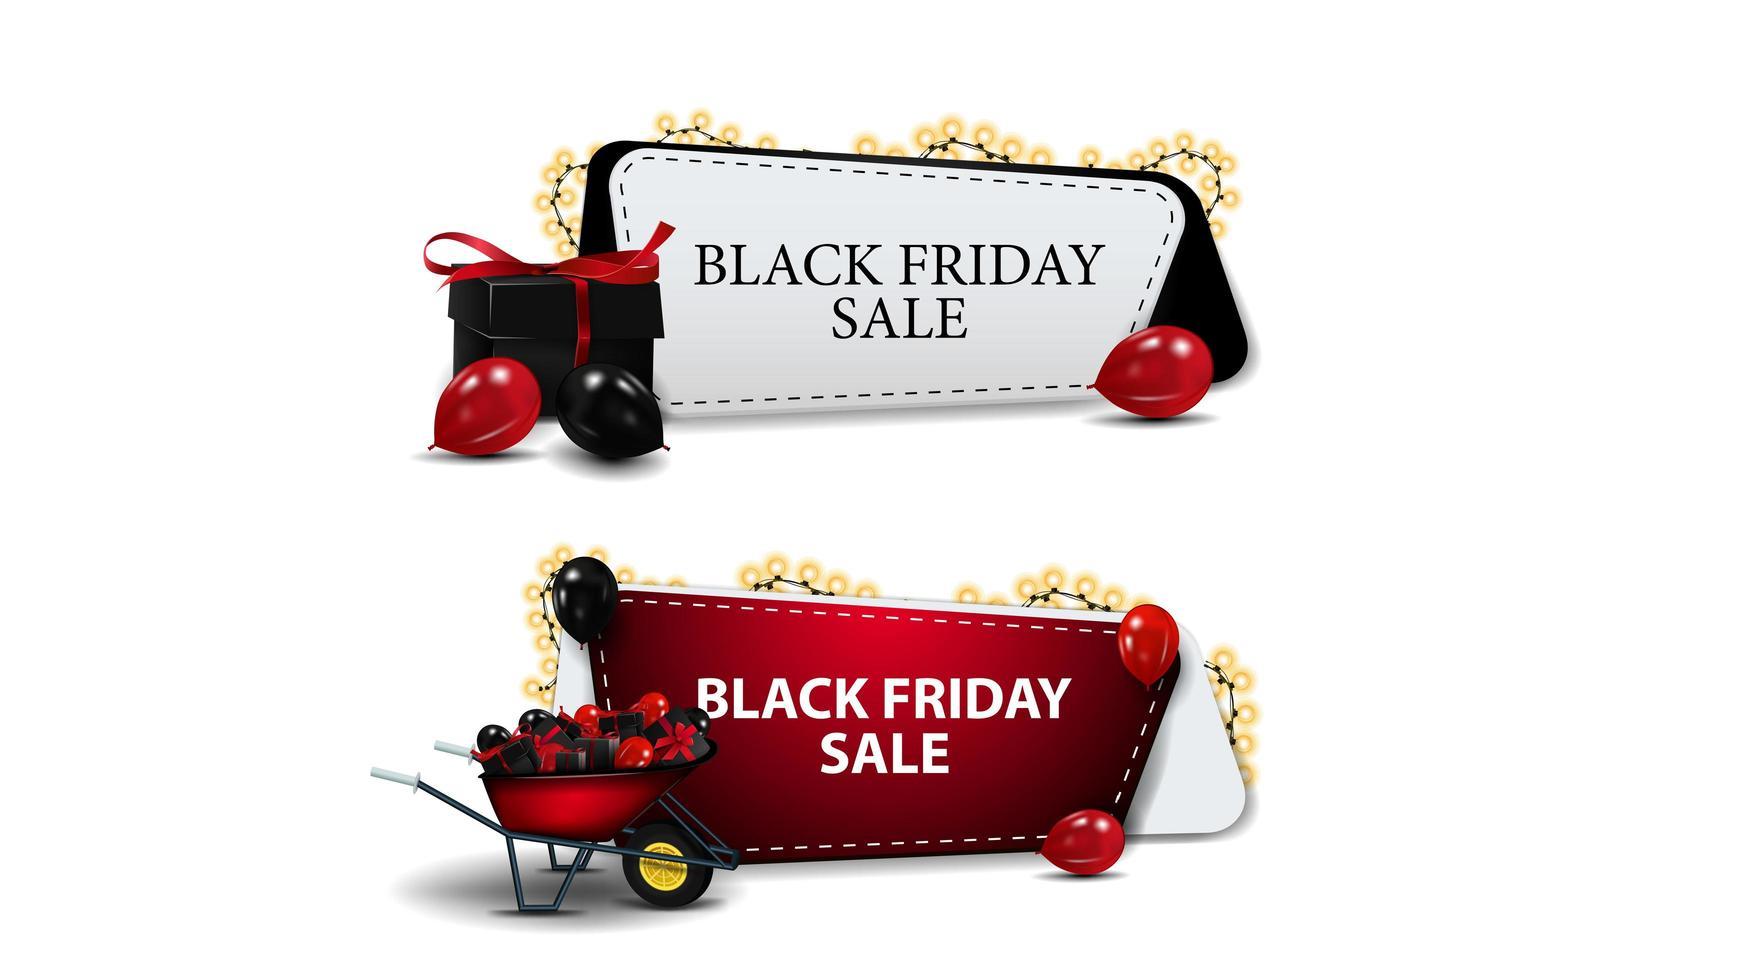 vente vendredi noir, ensemble de coupons de réduction vecteur